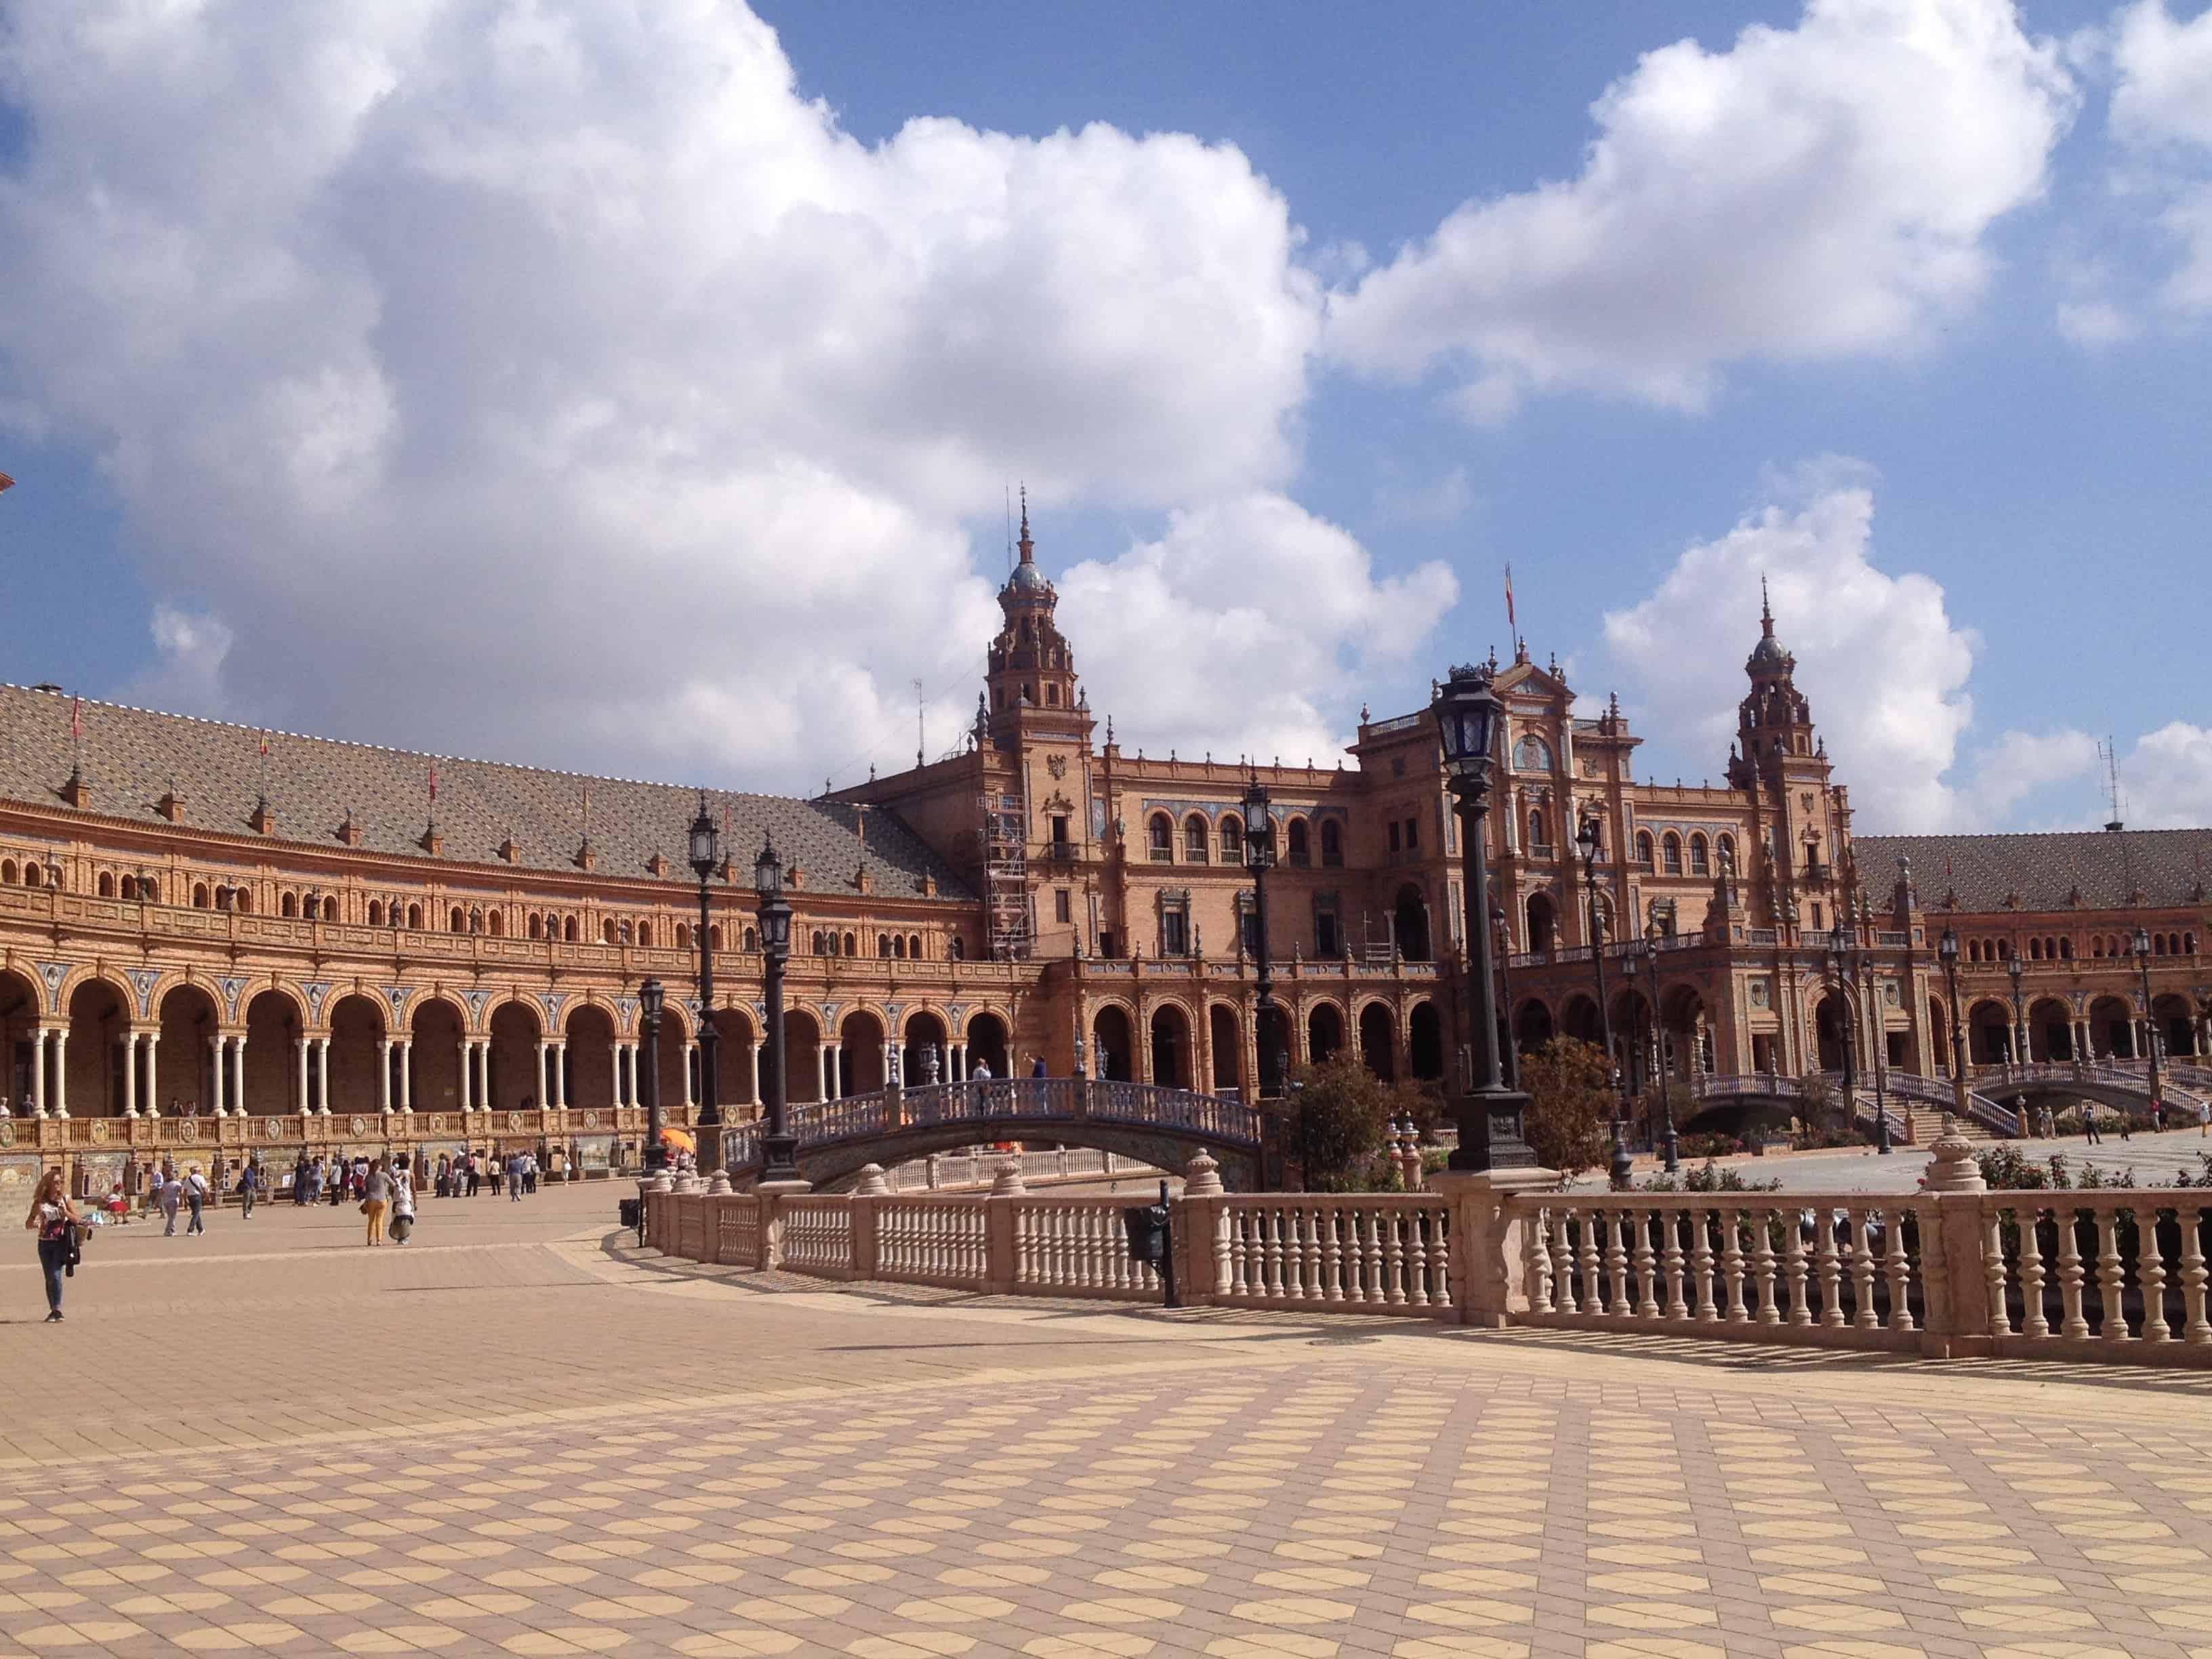 plaza de espana, siviglia, andalusia